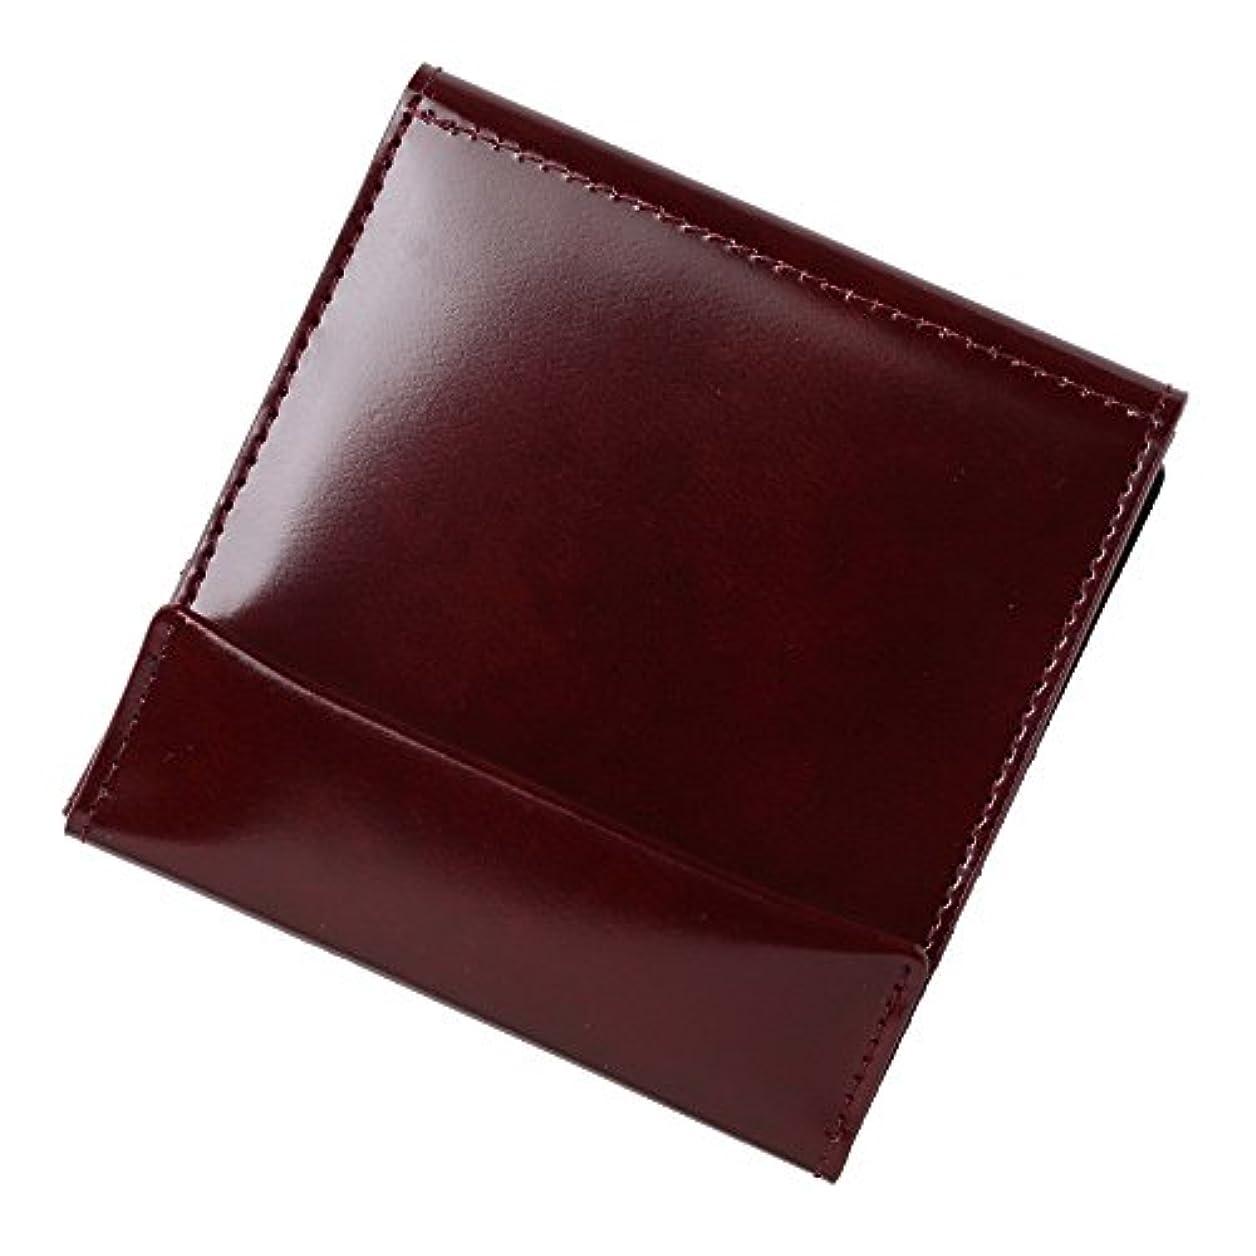 男らしさメトロポリタン固体薄い財布 abrAsus (アブラサス) classic